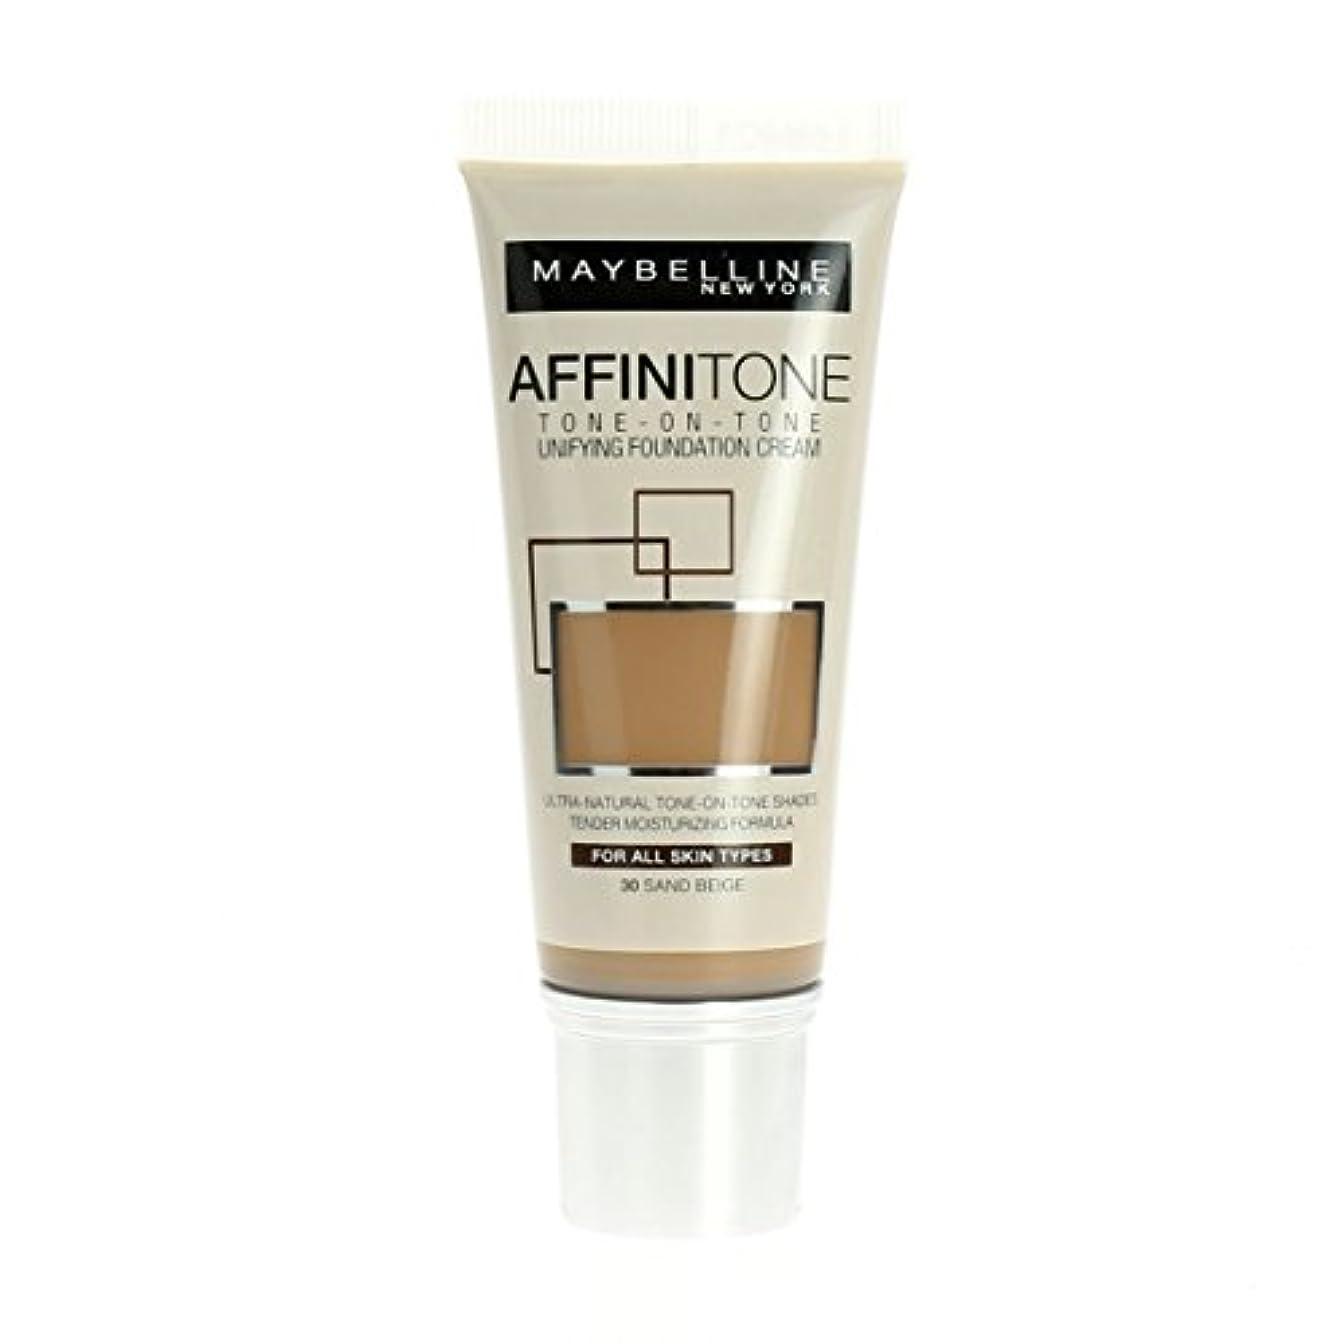 マイクロ以前は性能Maybelline Affinitone Unifying Foundation Cream (30 Sand Beige) 30 ml